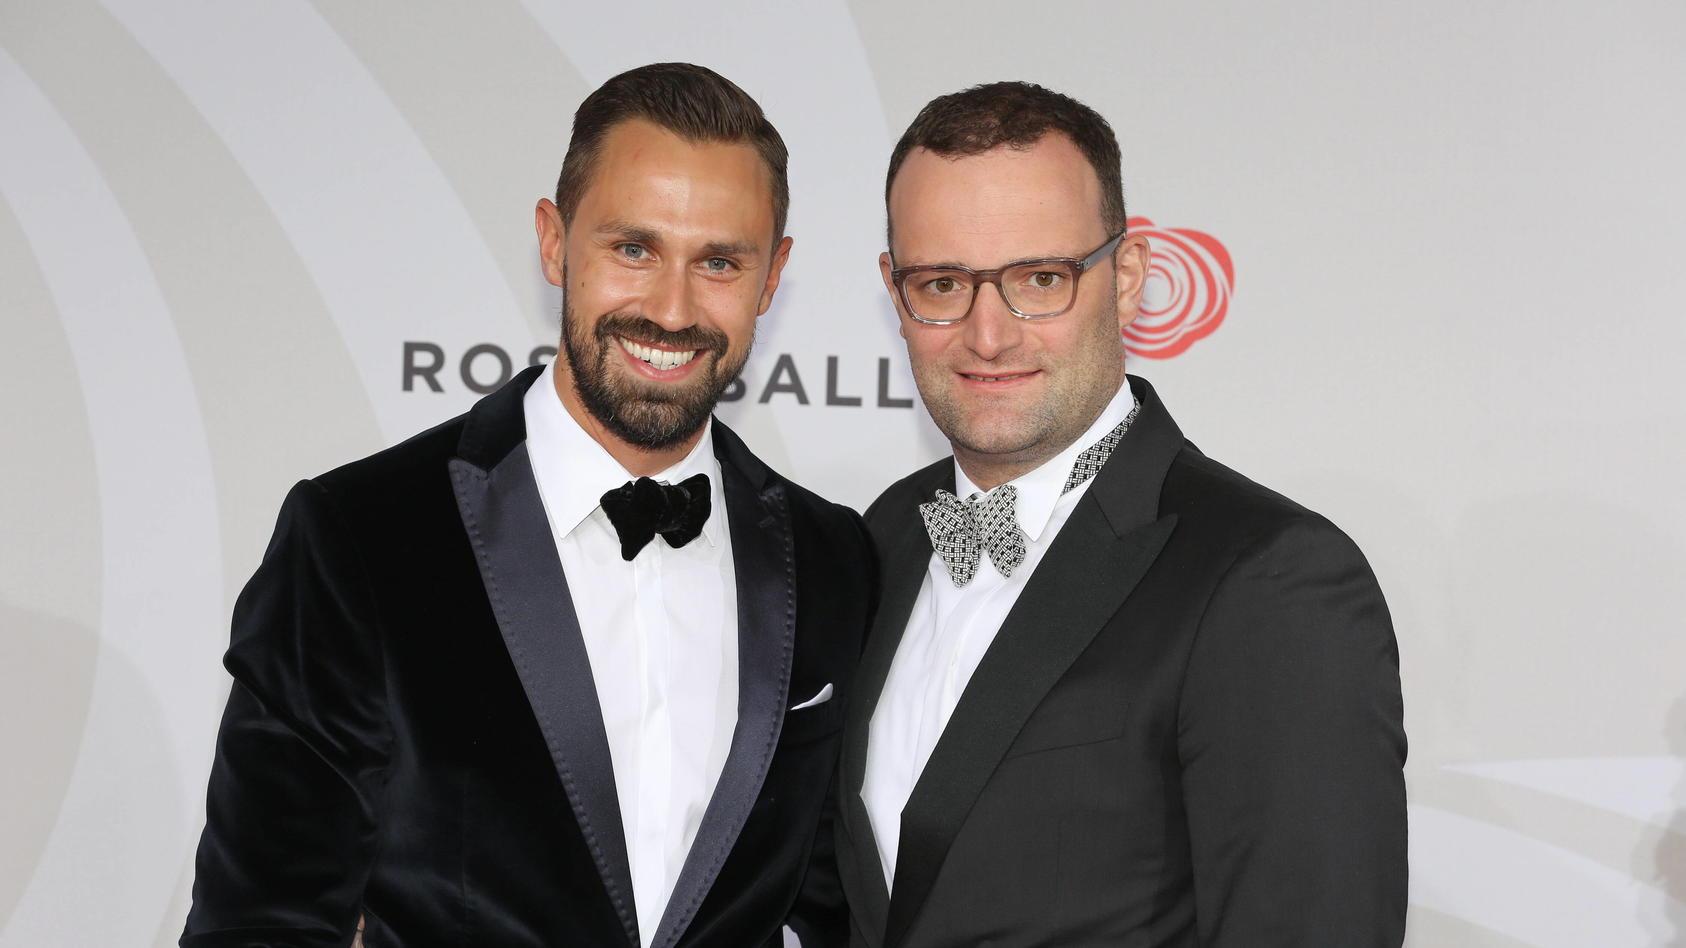 Daniel Funke und Freund Jens Spahn auf dem roten Teppich zum Bertelsmann Rosenball 2016,